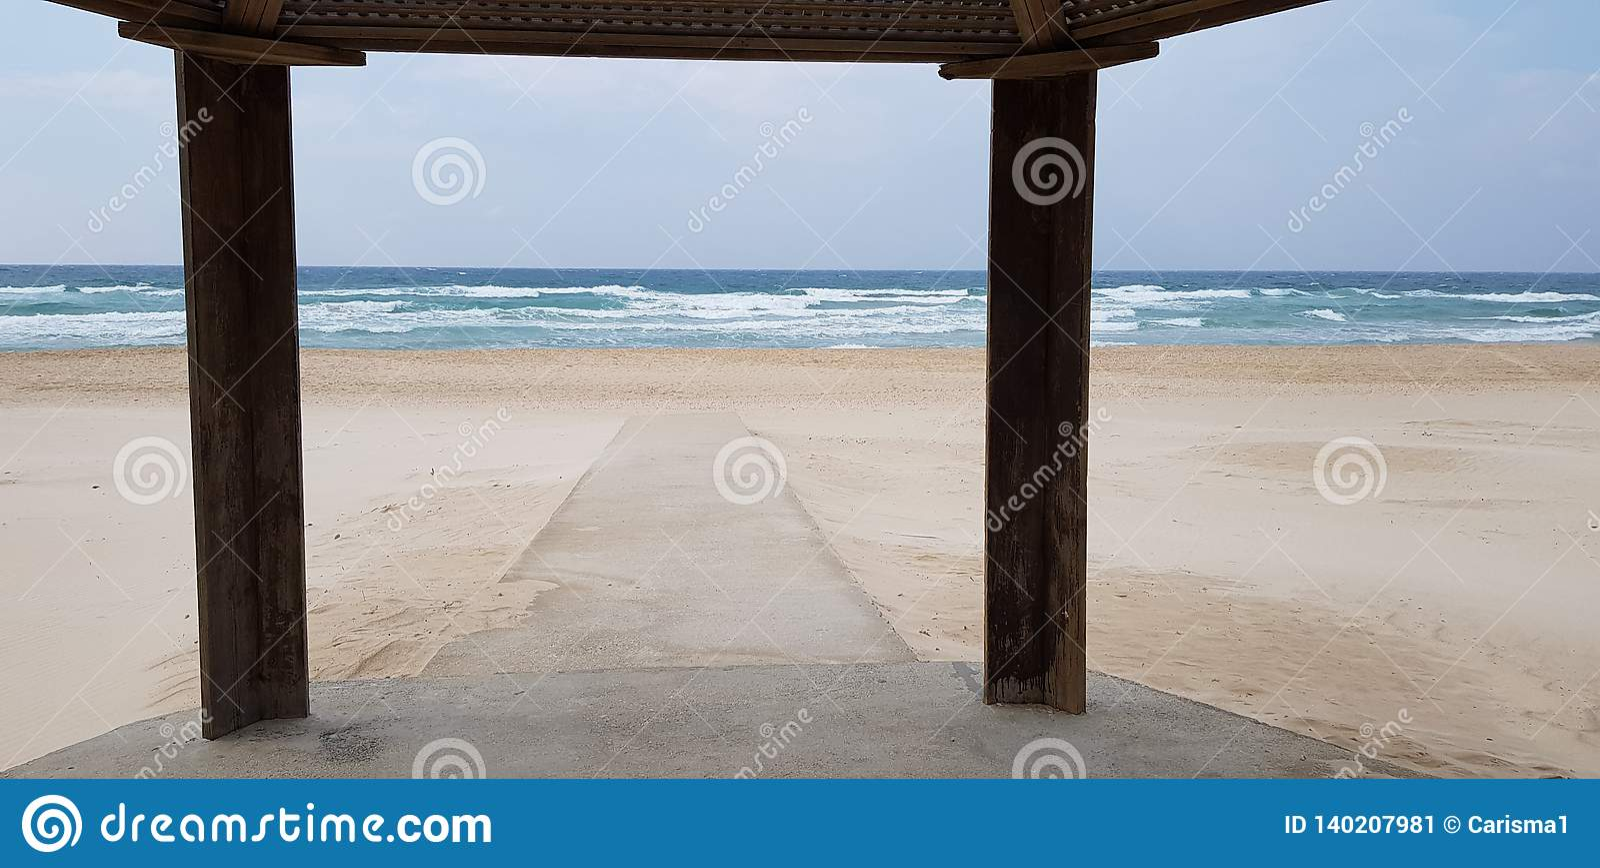 El rastro concreto en la arena prevista para las personas discapacitadas va al mar